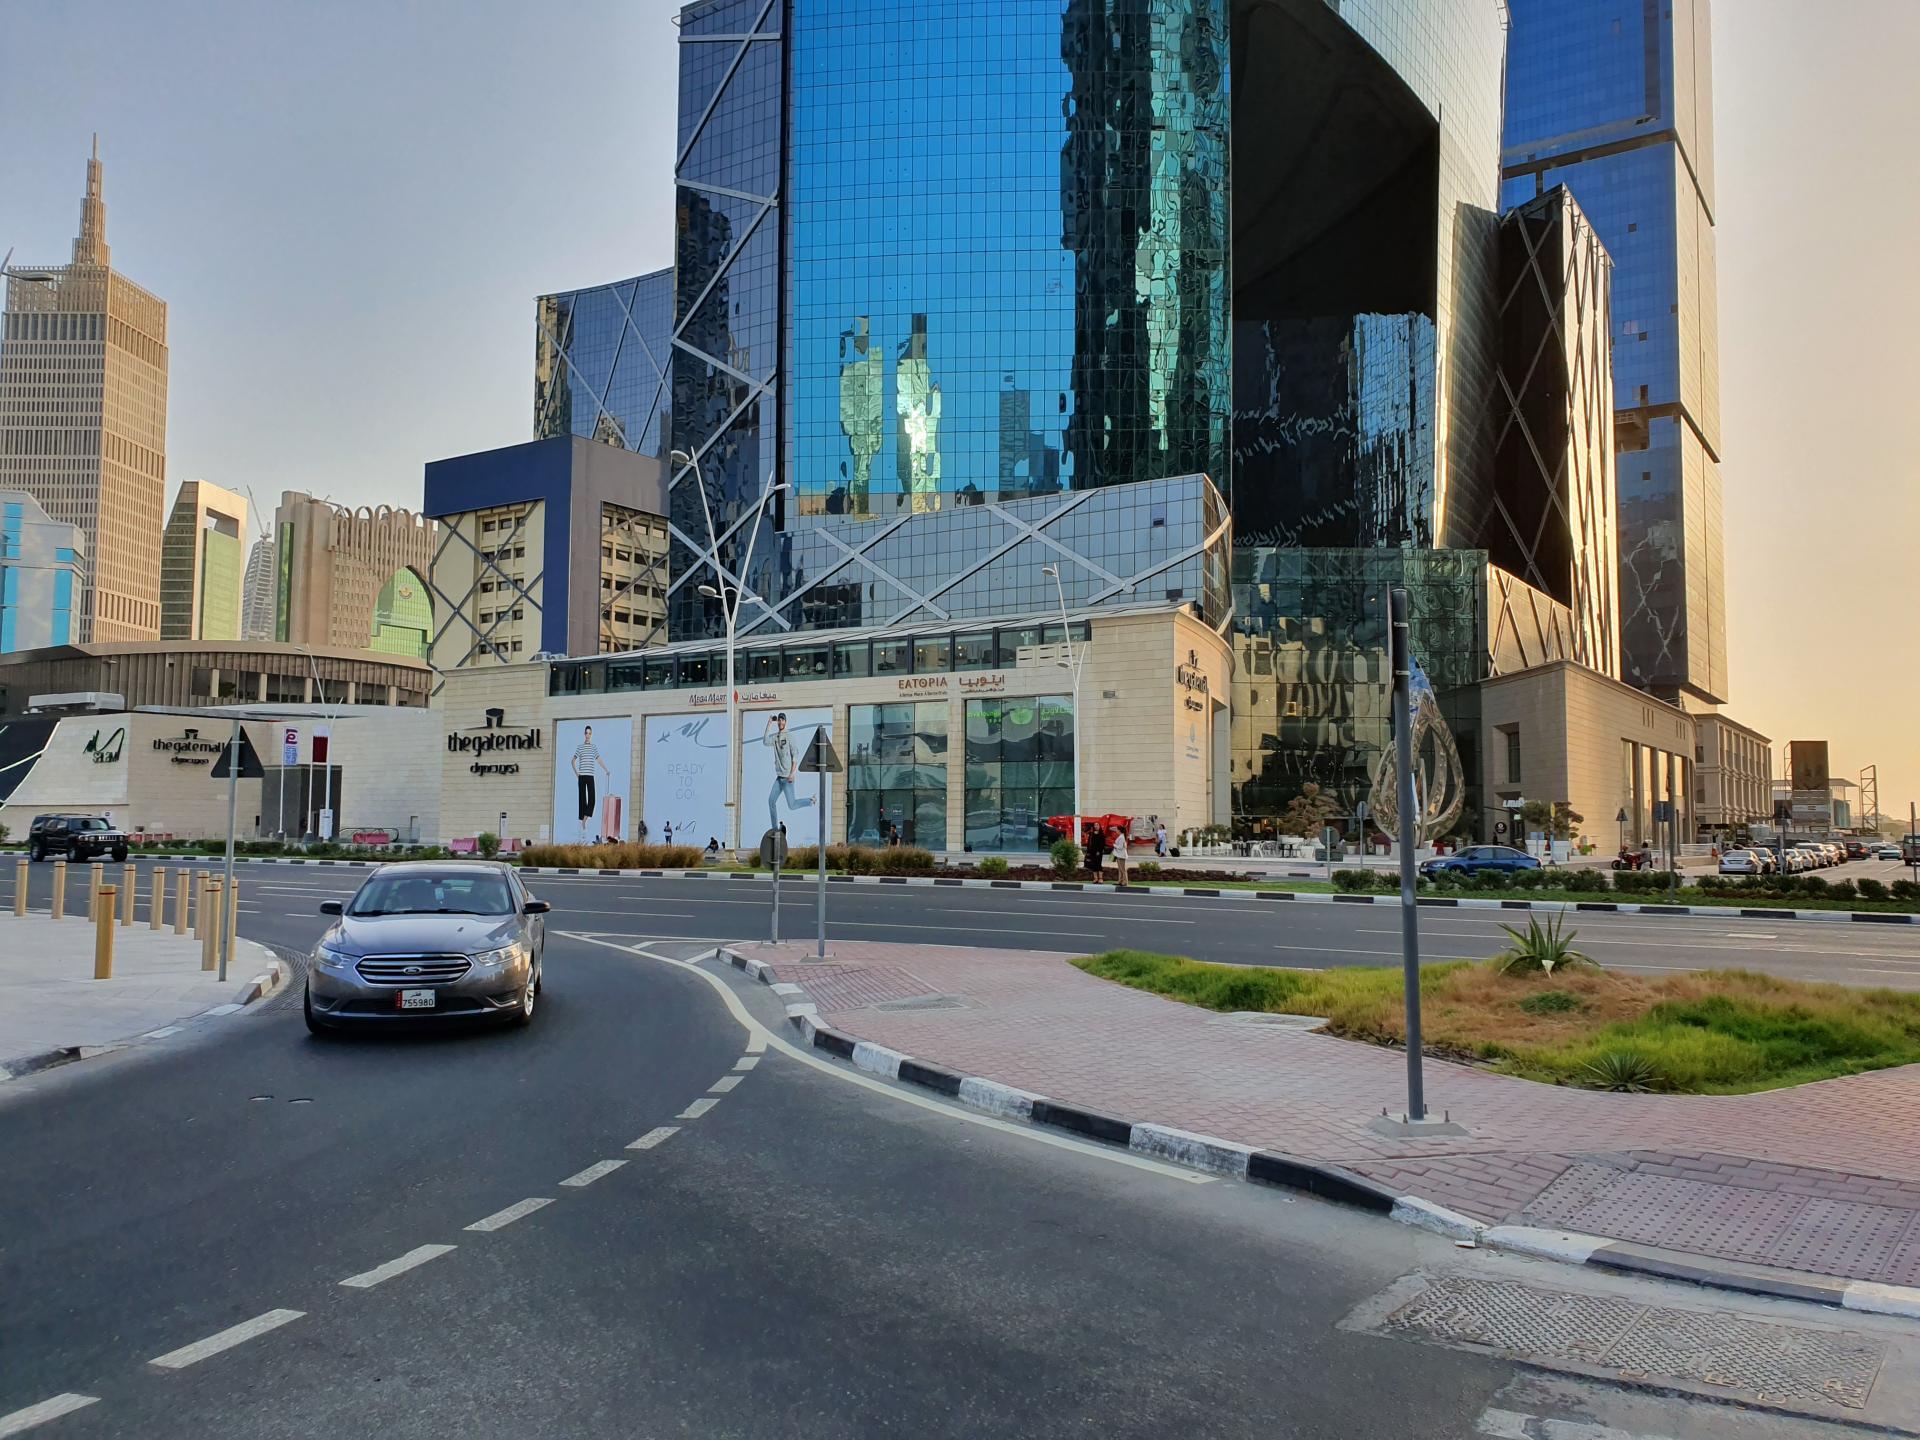 улицы Дохи, Катар